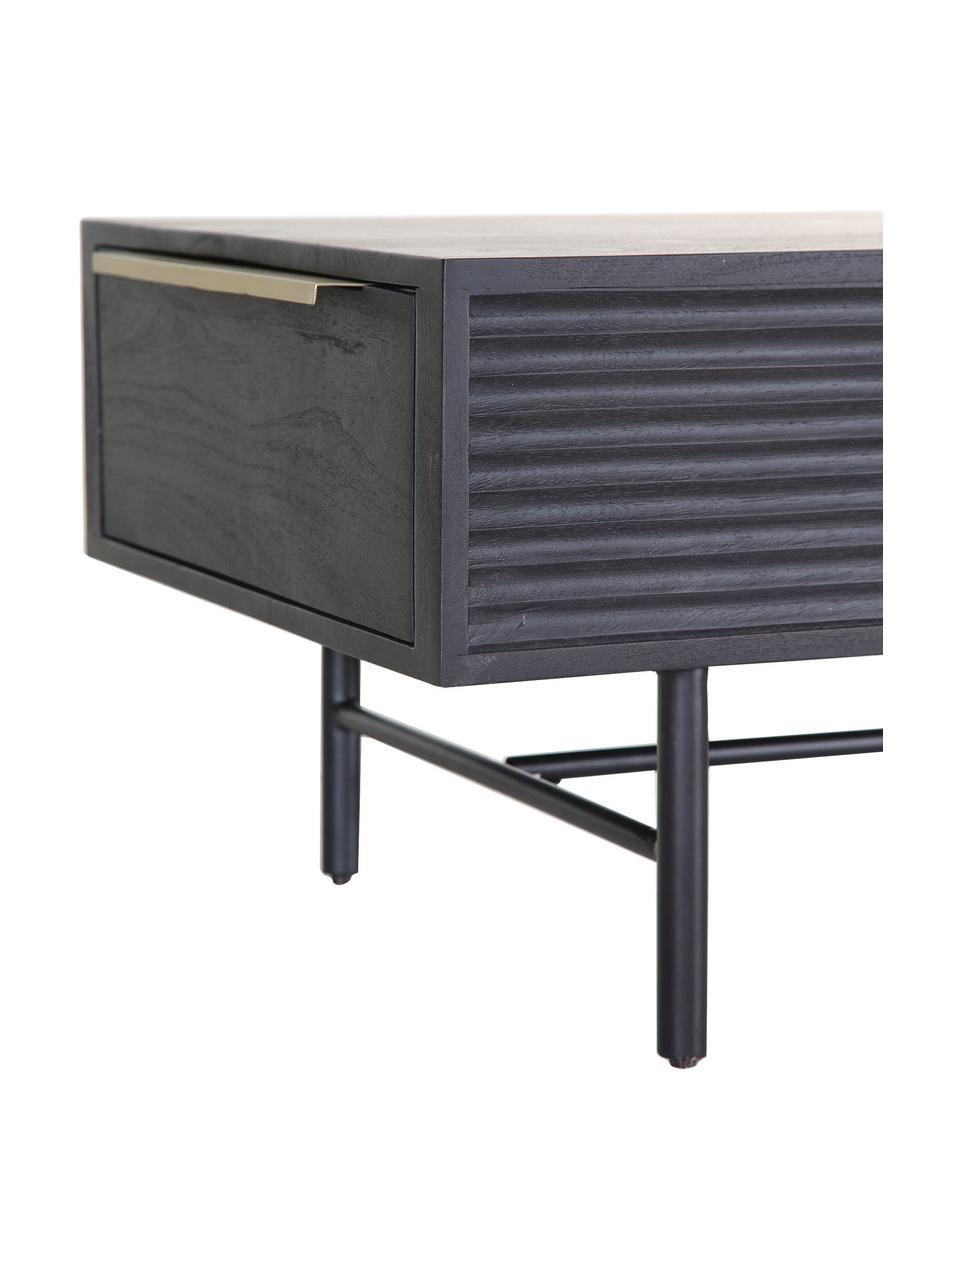 Konferenčný stolík s drážkovou dekoráciou Mamba, Čierna